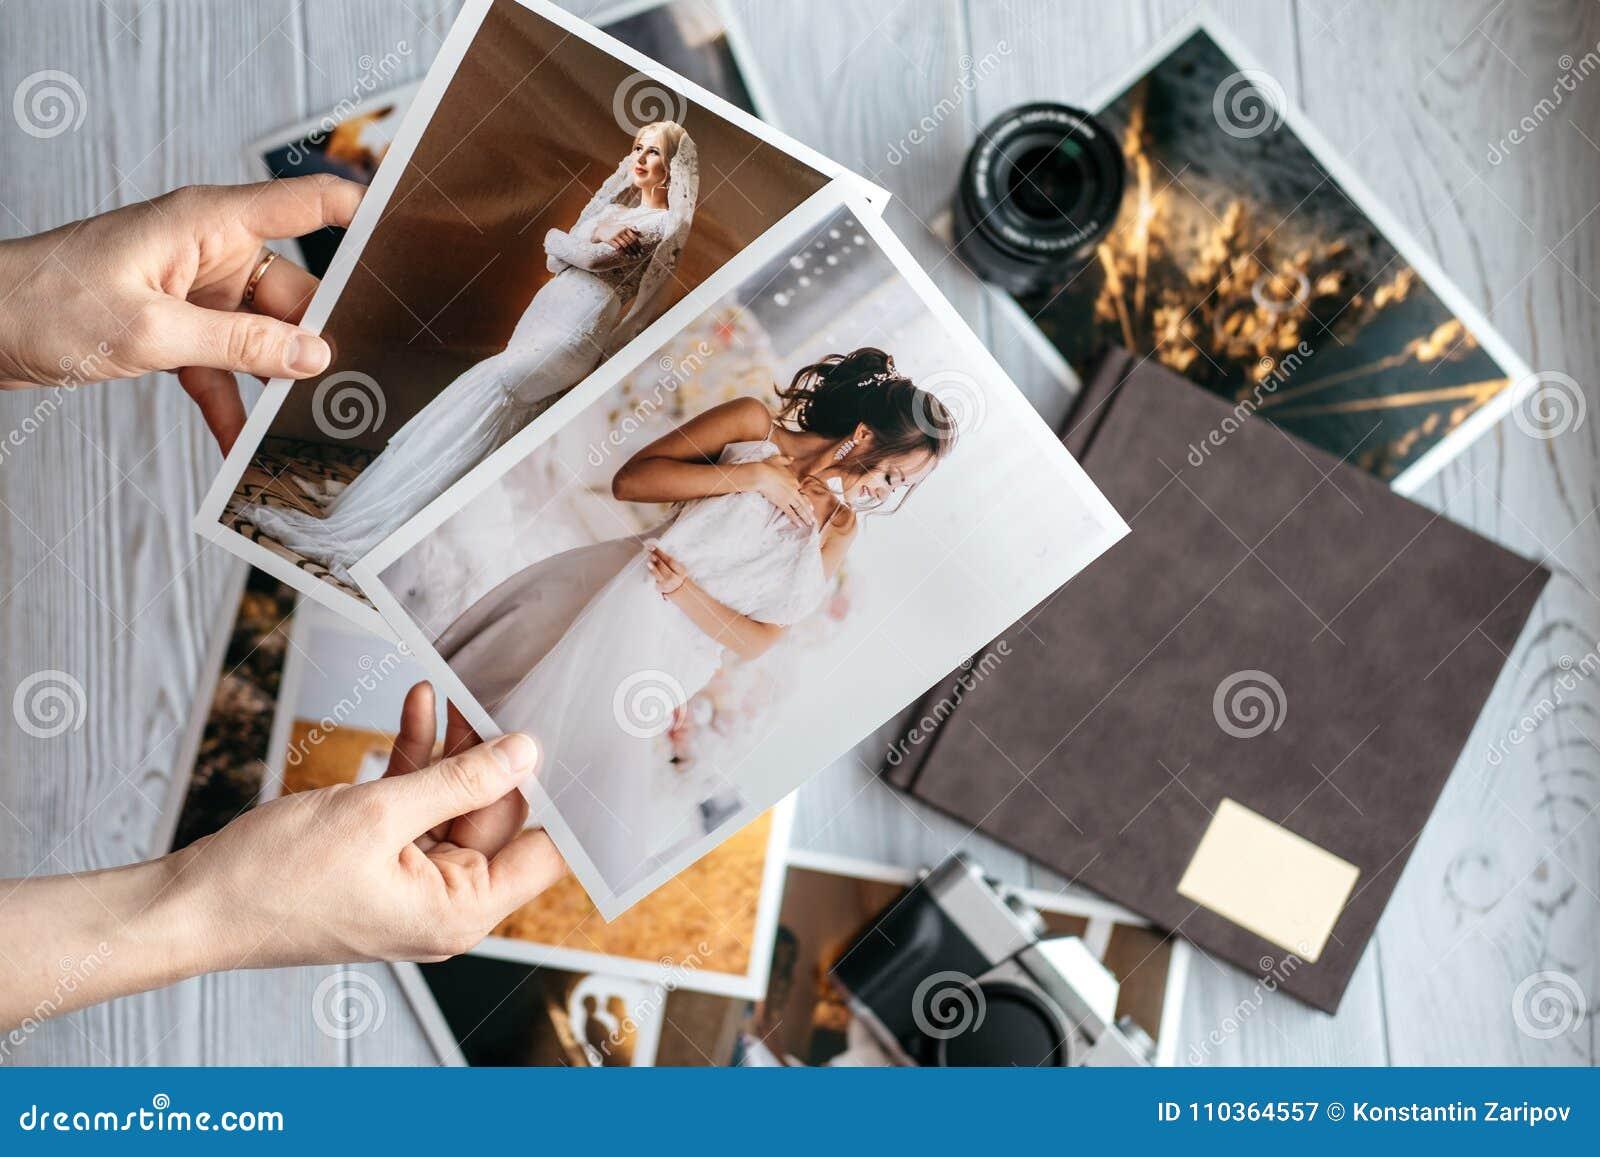 Impreso casandose fotos con la novia y el novio, una cámara del negro del vintage, photoalbum y las manos de la mujer con dos fot